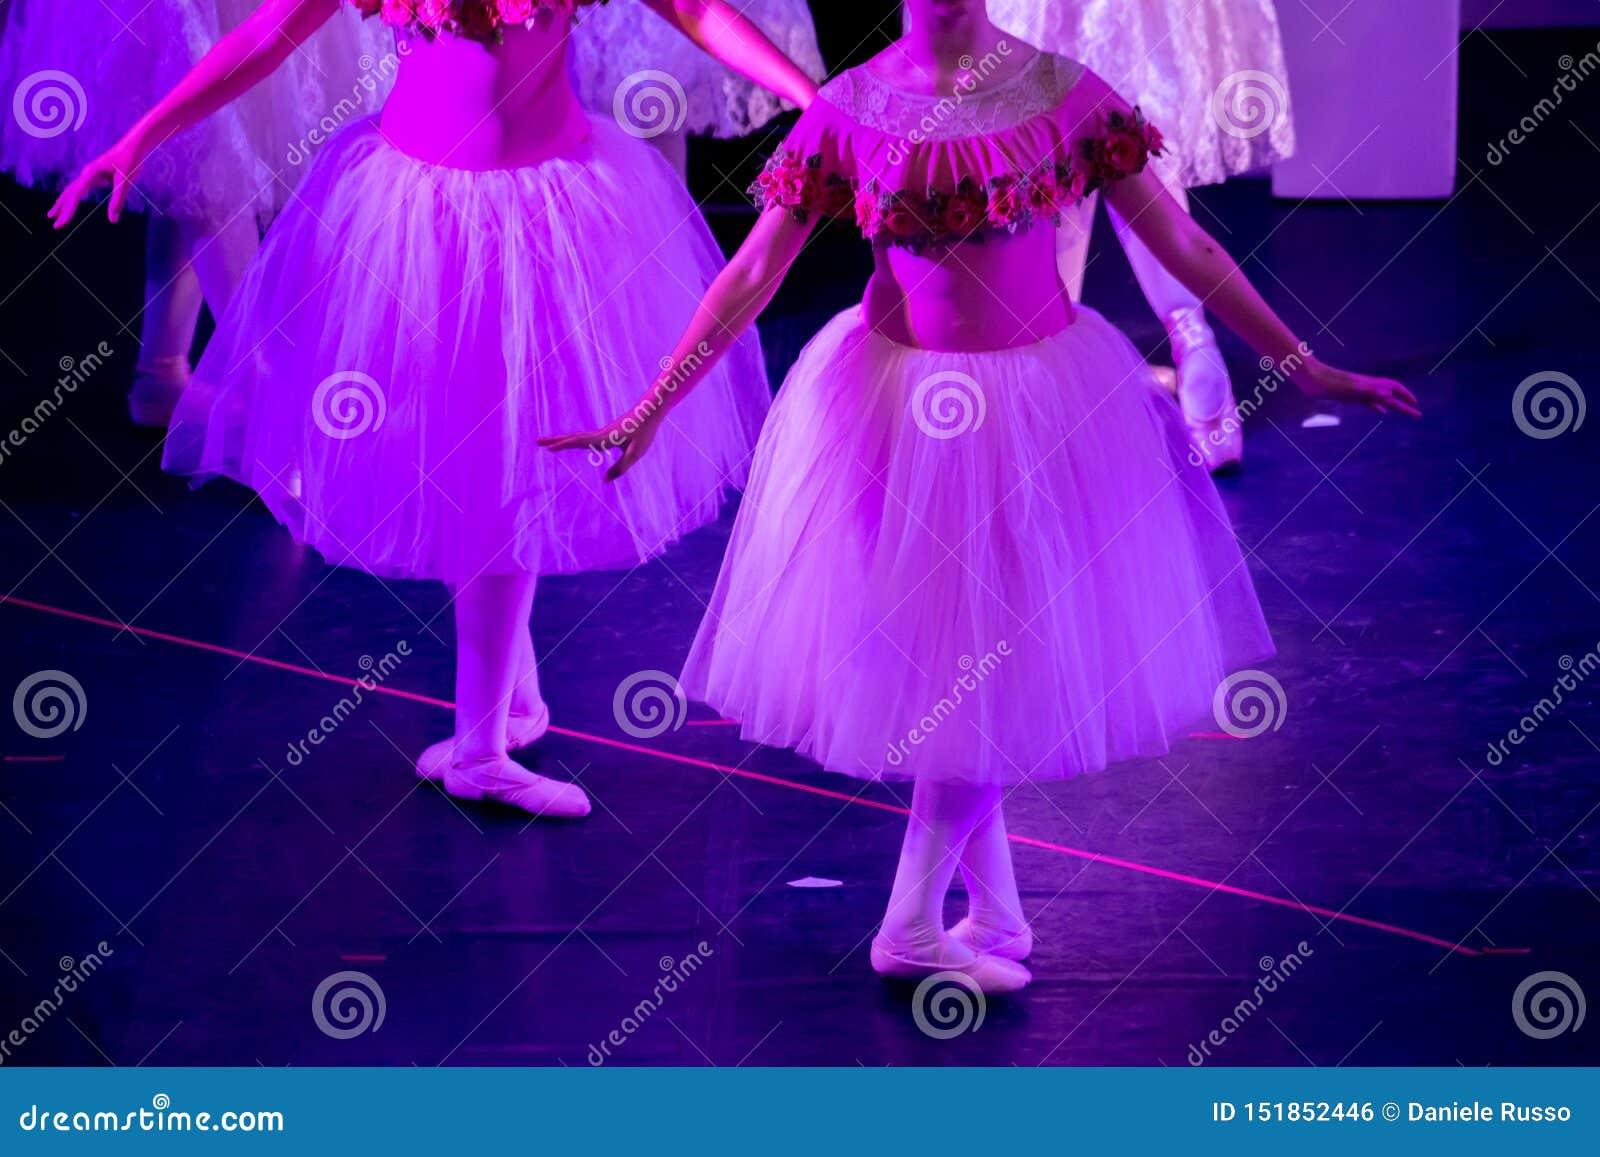 Danseurs classiques sous la lumière pourpre avec les robes classiques exécutant un ballet sur le fond de tache floue